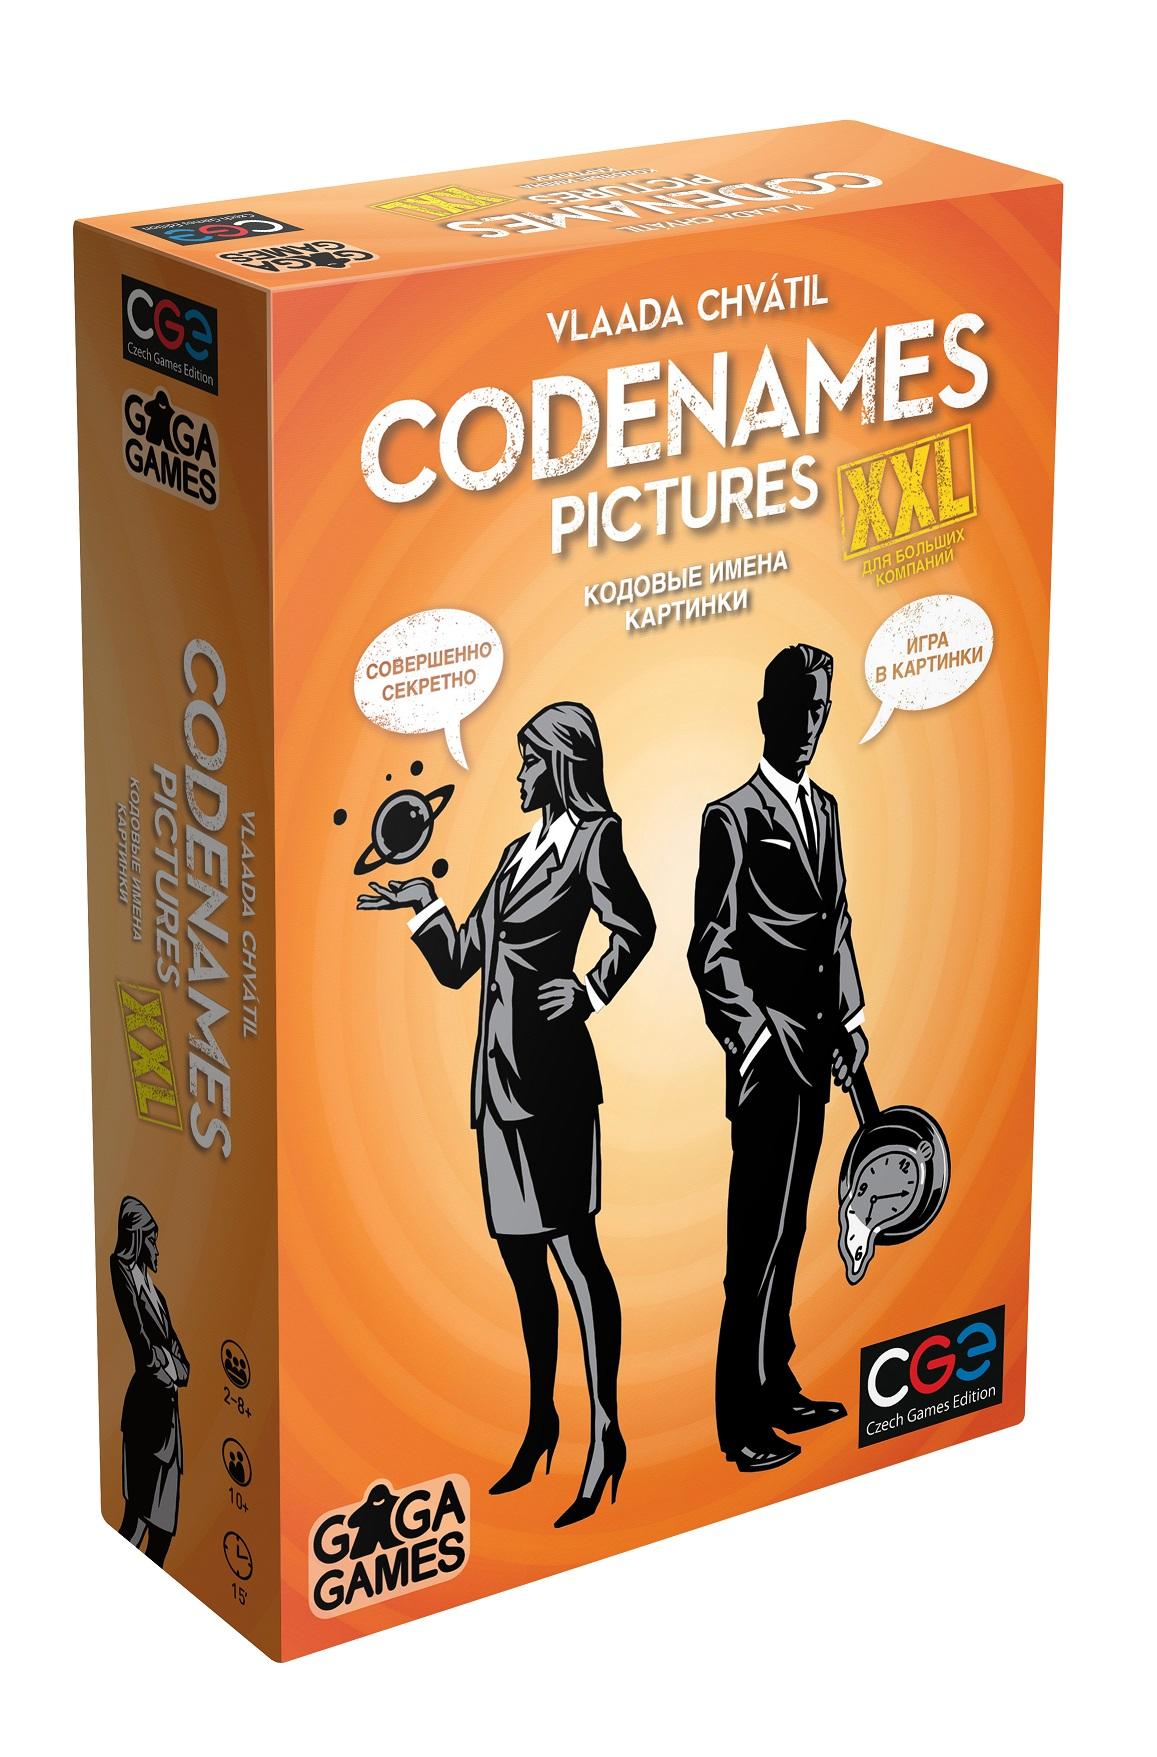 Купить Настольная игра Gaga Games Кодовые имена Картинки xxl, на русском,